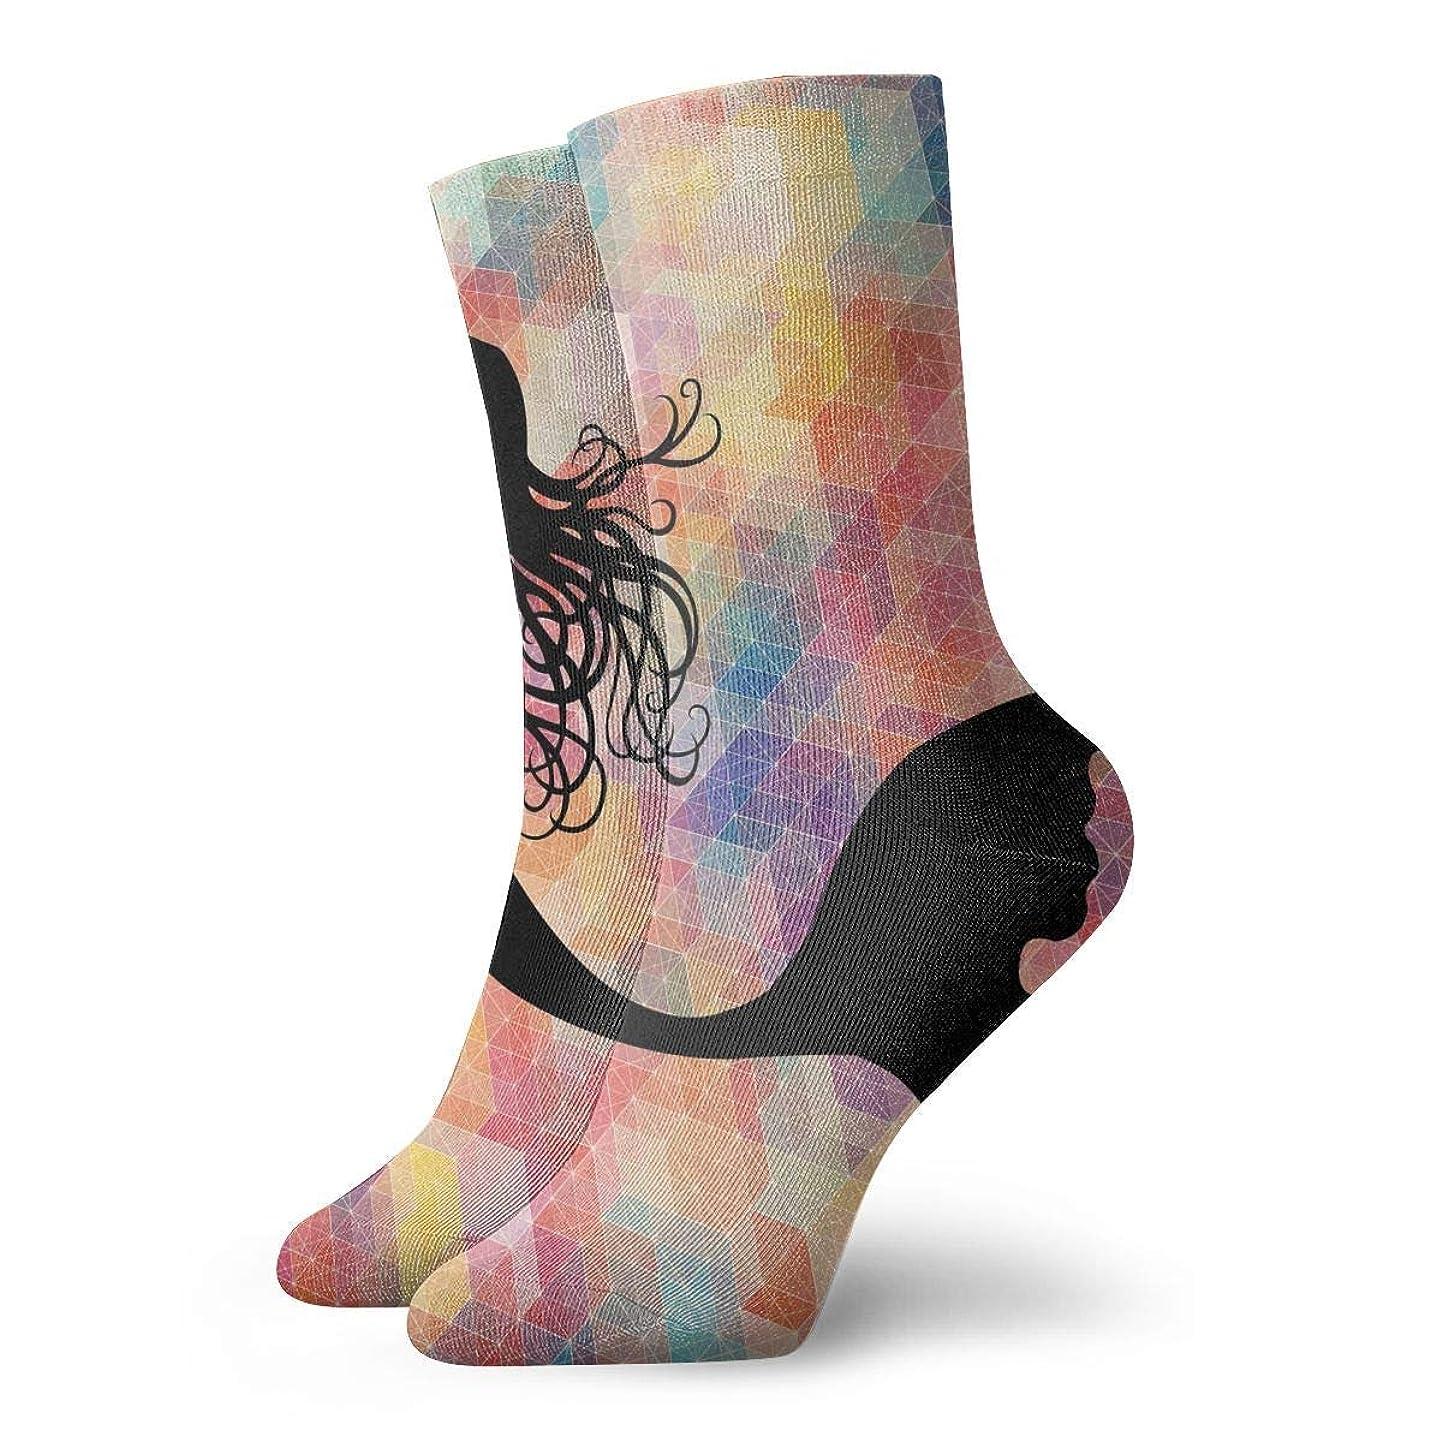 ジェット軽食マーティンルーサーキングジュニアスカイラインクリスマスソックス靴下靴下靴下靴下靴下冬靴下